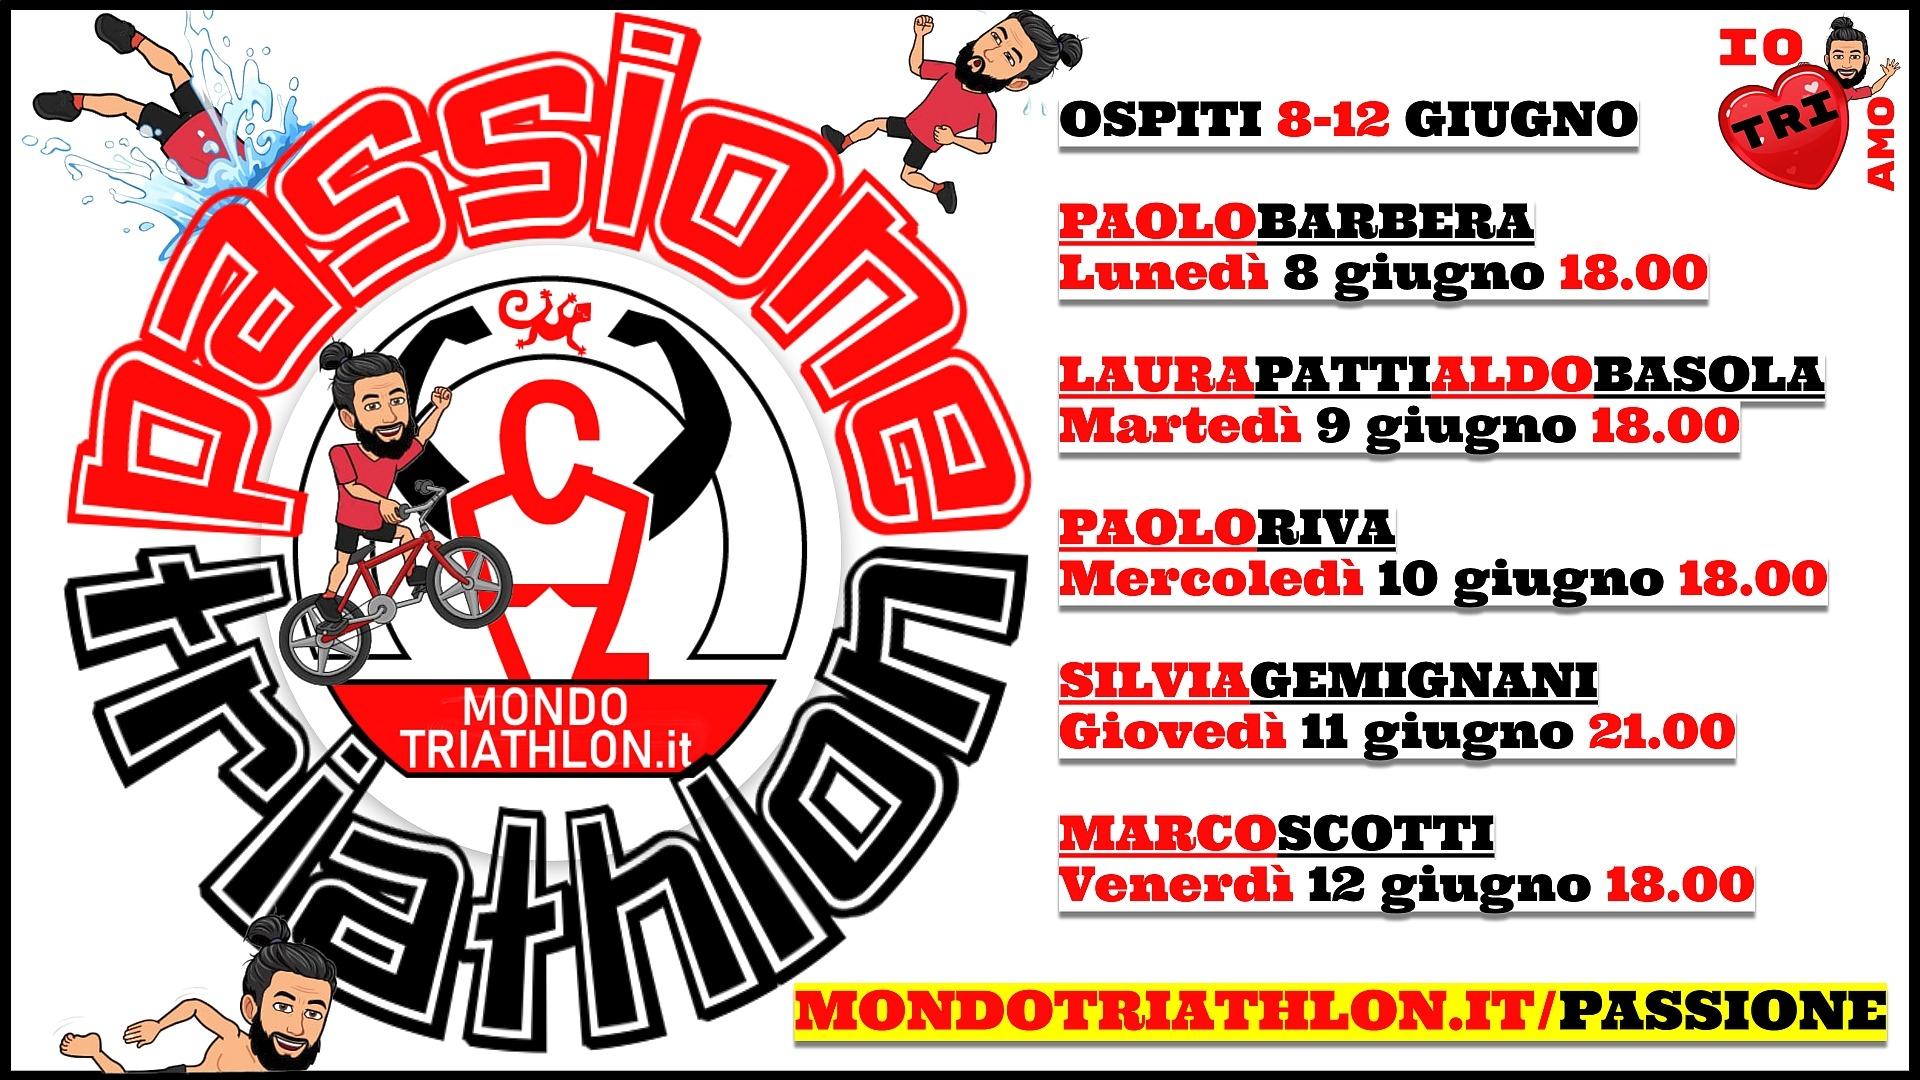 Passione Triathlon, il palinsesto dall'8 al 12 giugno 2020